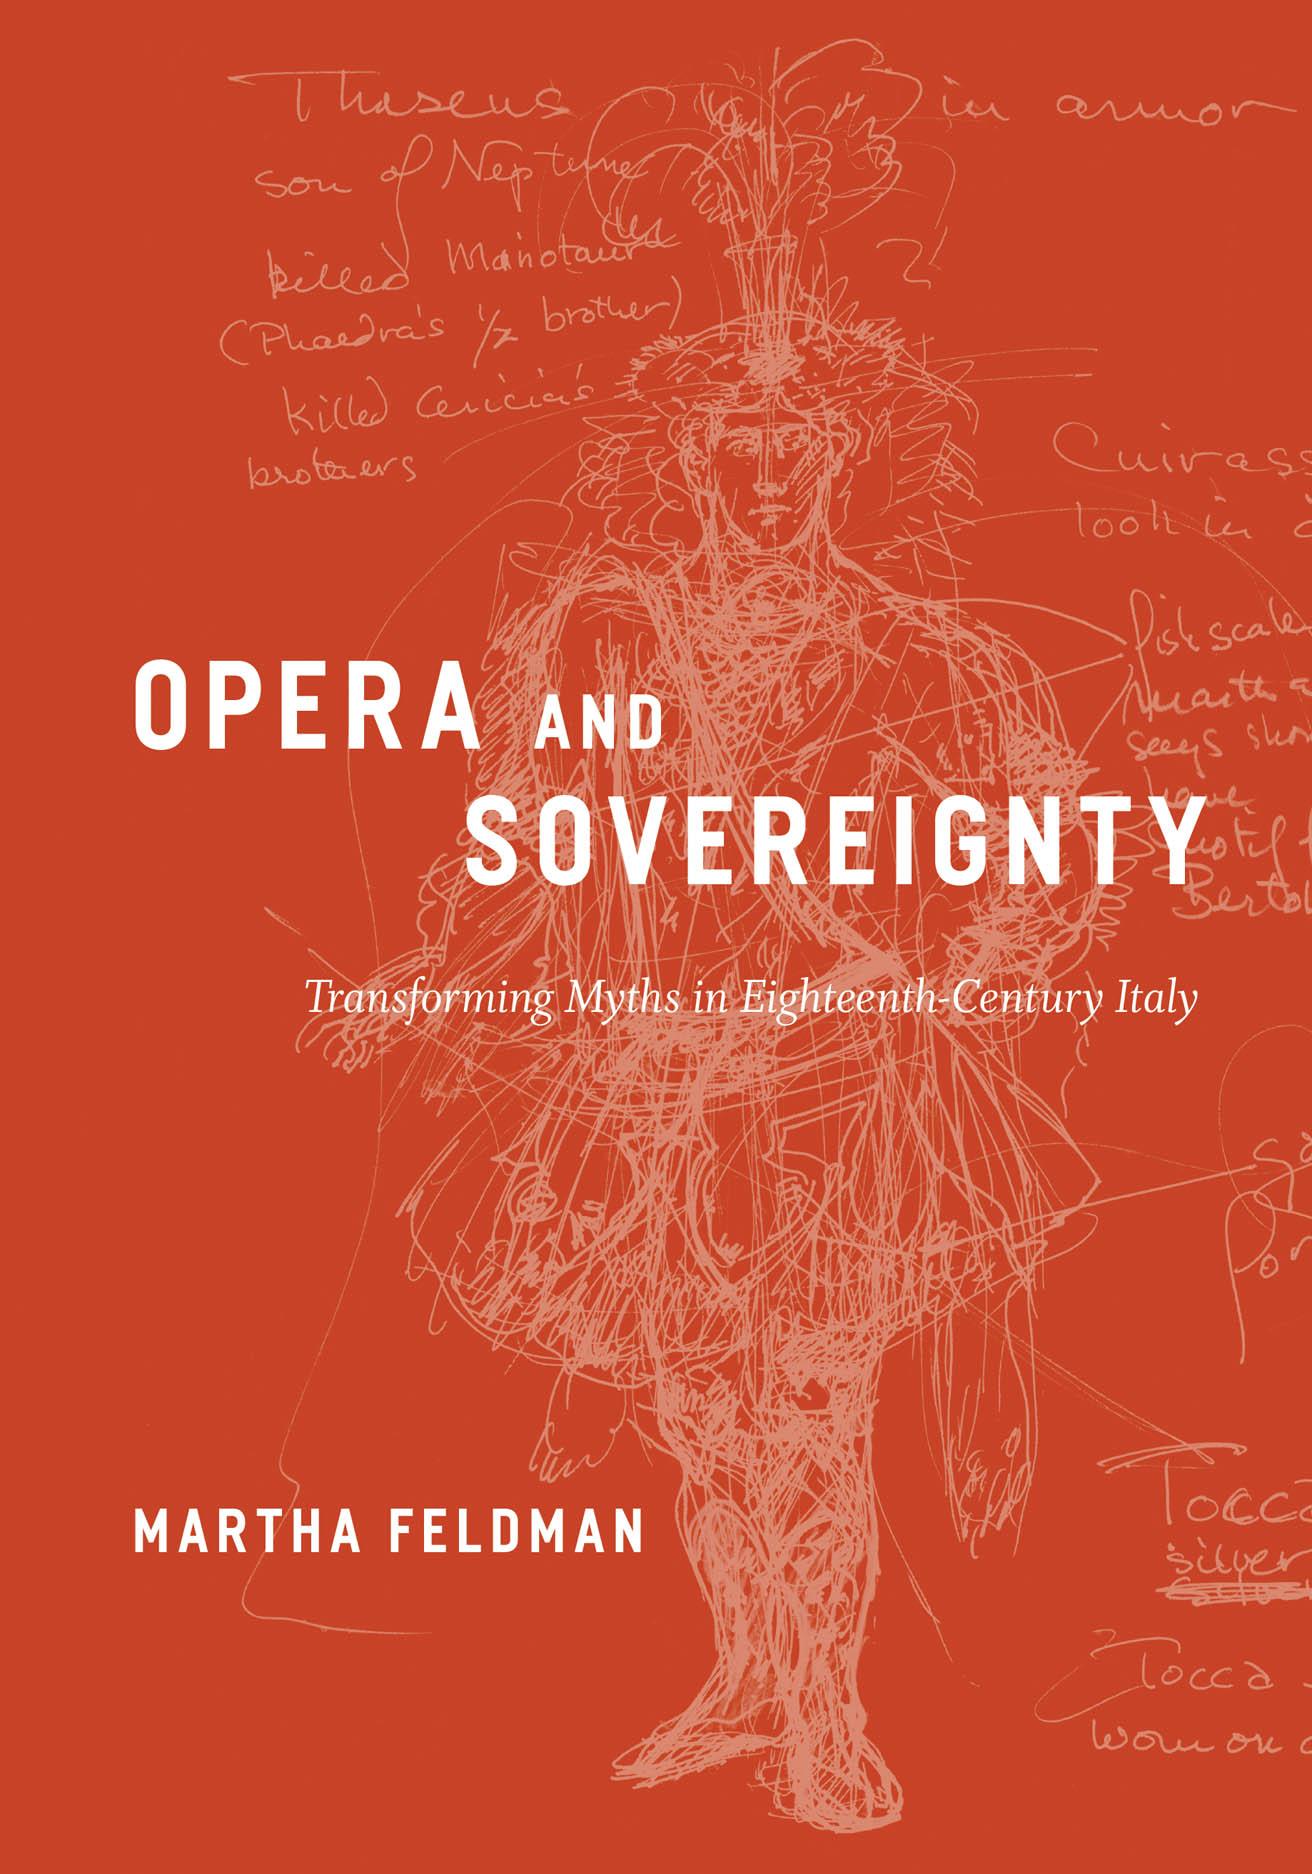 Martha Feldman awarded 2010 Laing Prize